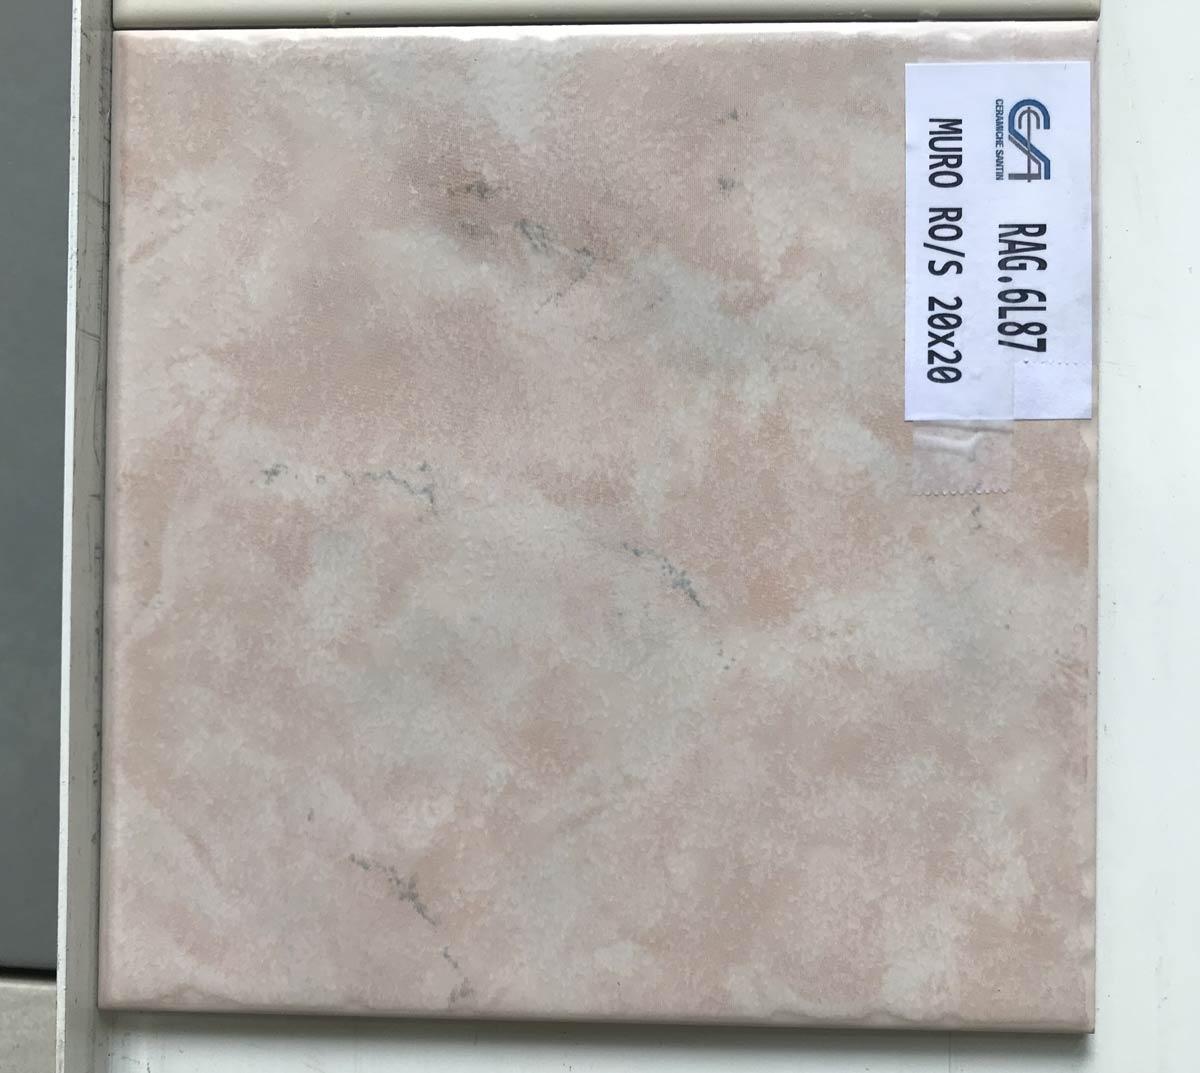 Stock piastrelle e ceramiche pag 3 cesa ceramiche santin - Piastrelle ragno catalogo ...